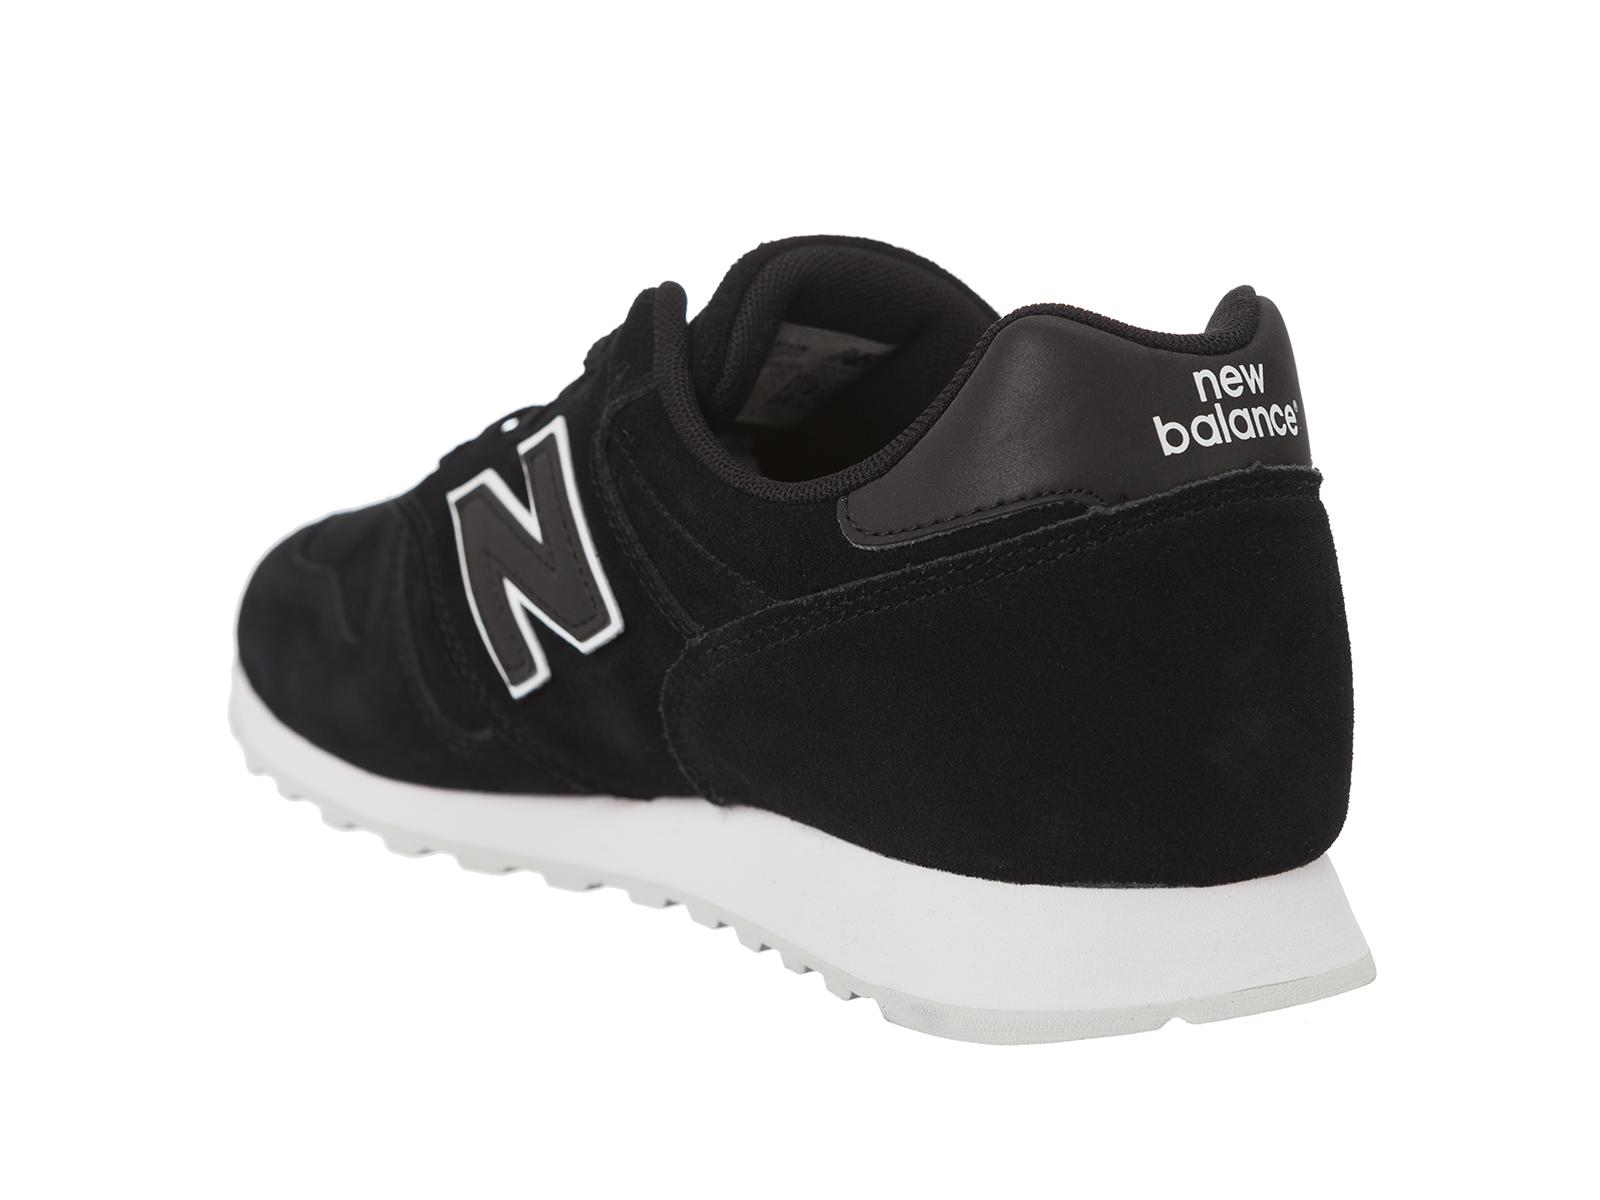 New Balance Unisex ML373 Scarpe Da Ginnastica Sneakers Autunno/Inverno 2017